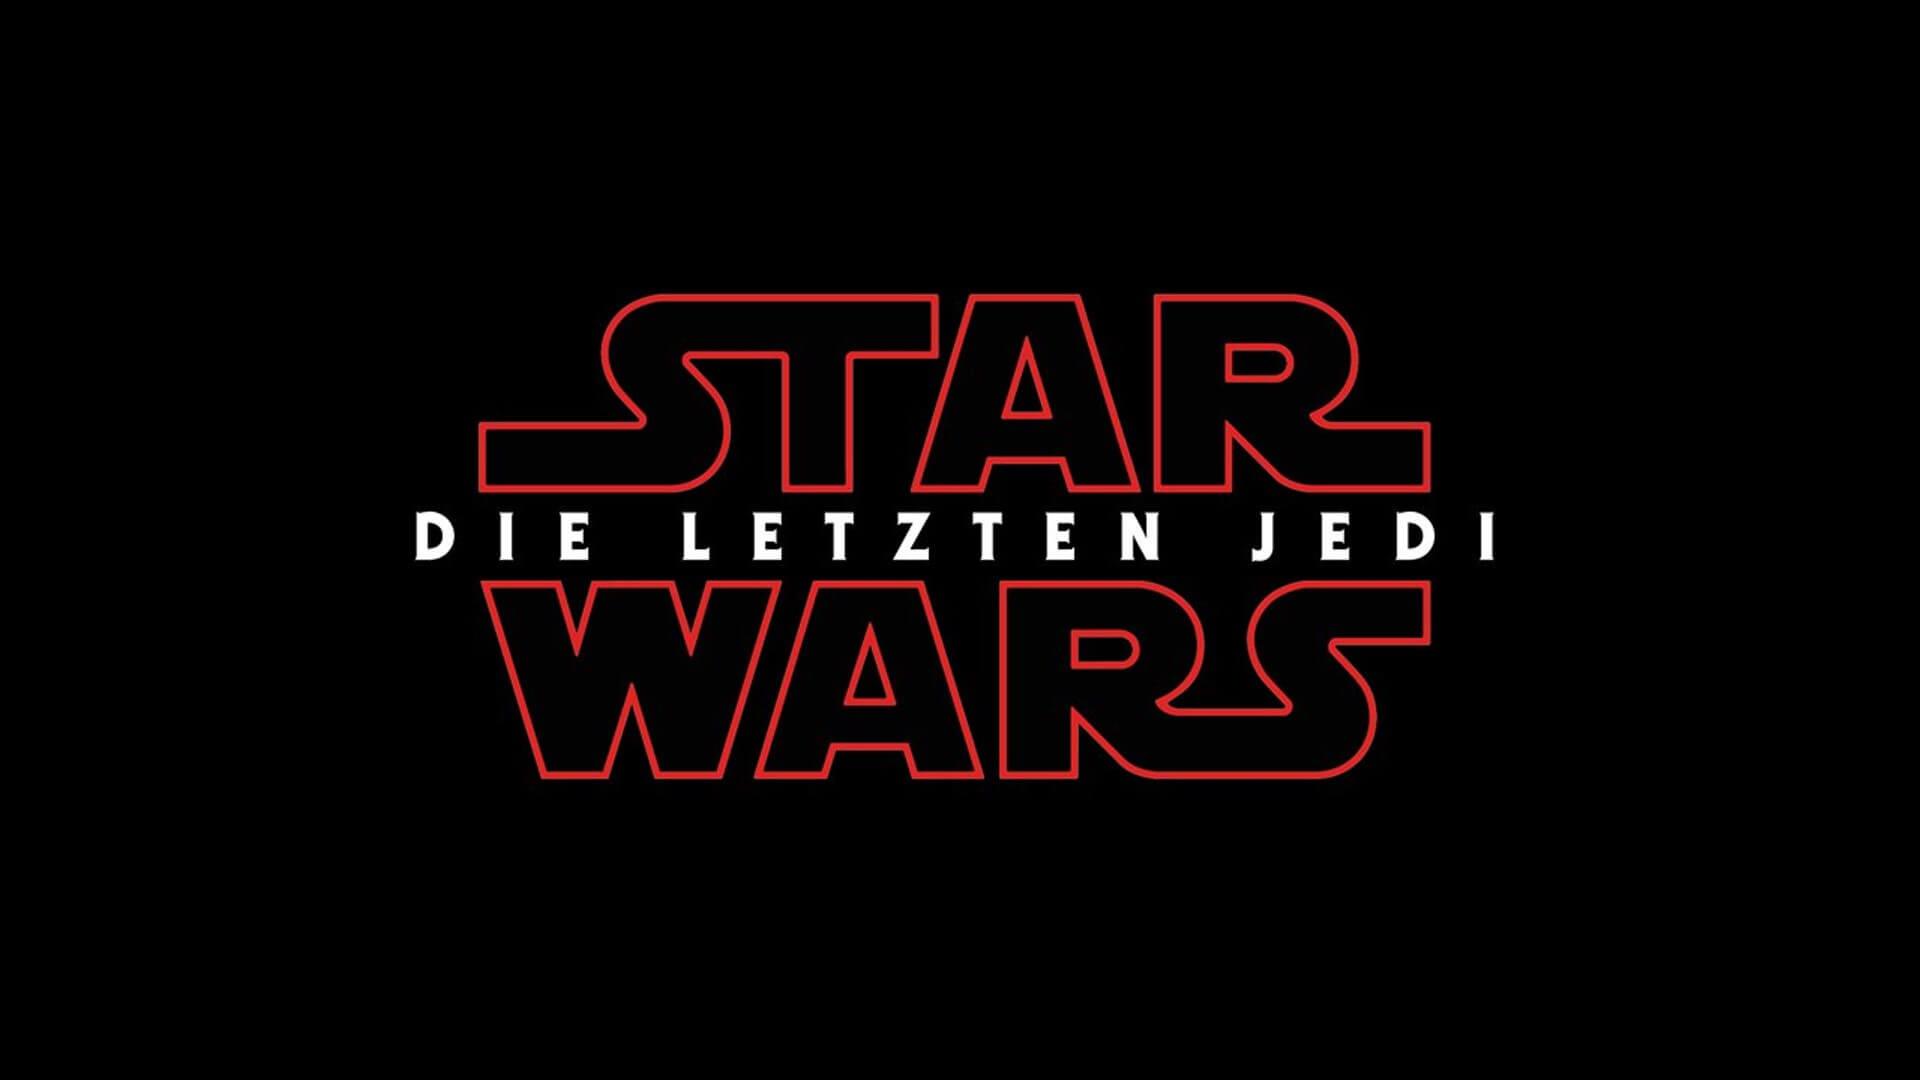 Star_Wars-_Die_letzten_Jedi